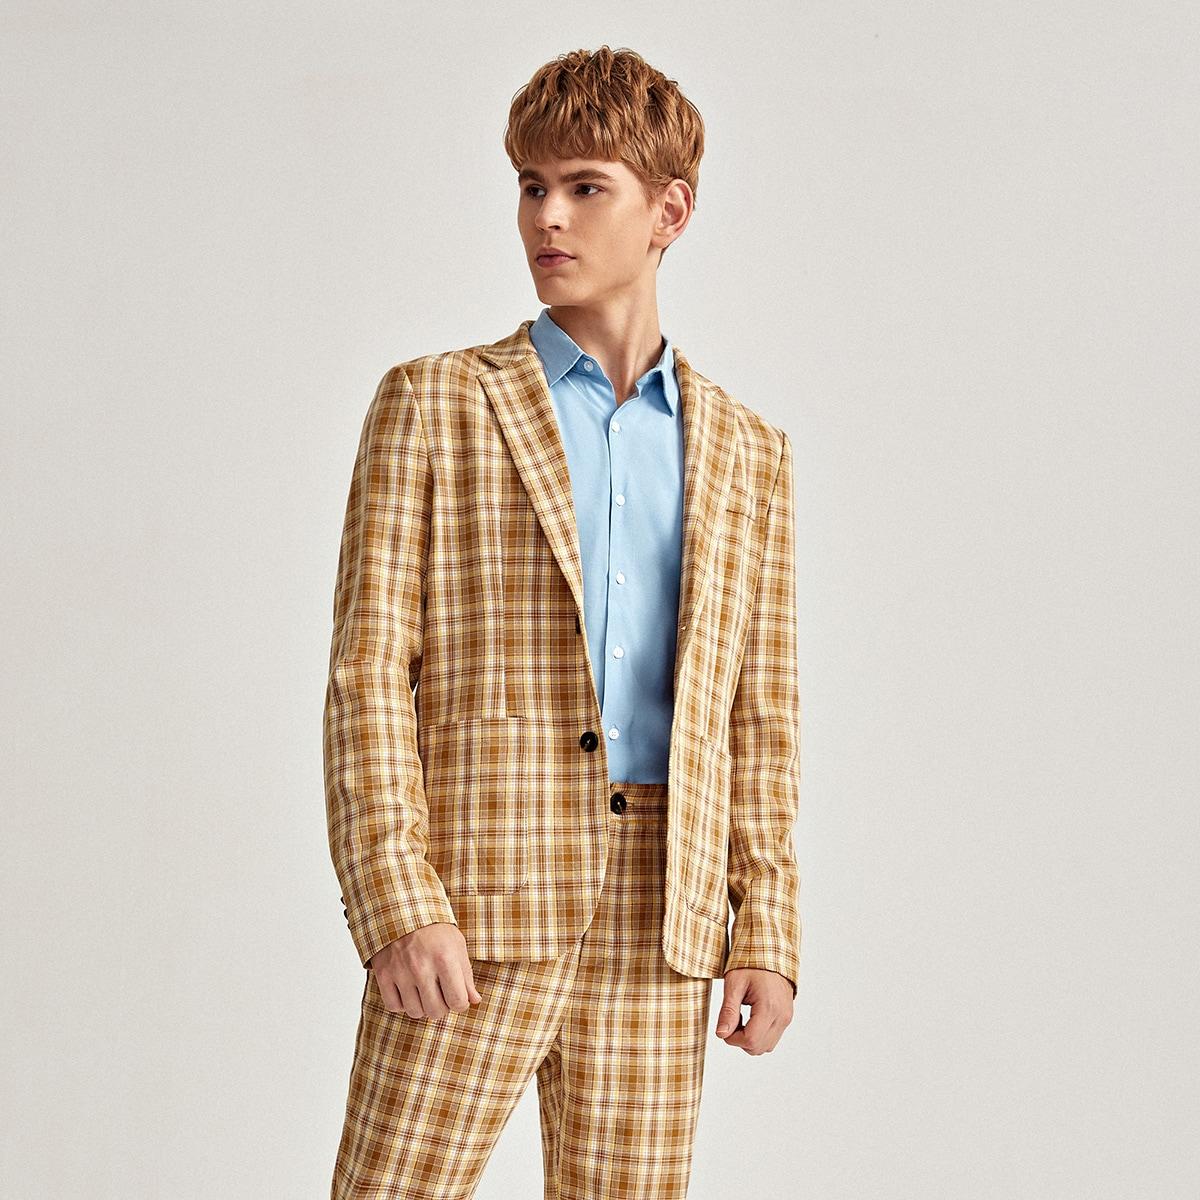 Мужской пиджак в клетку с карманом и лацканом